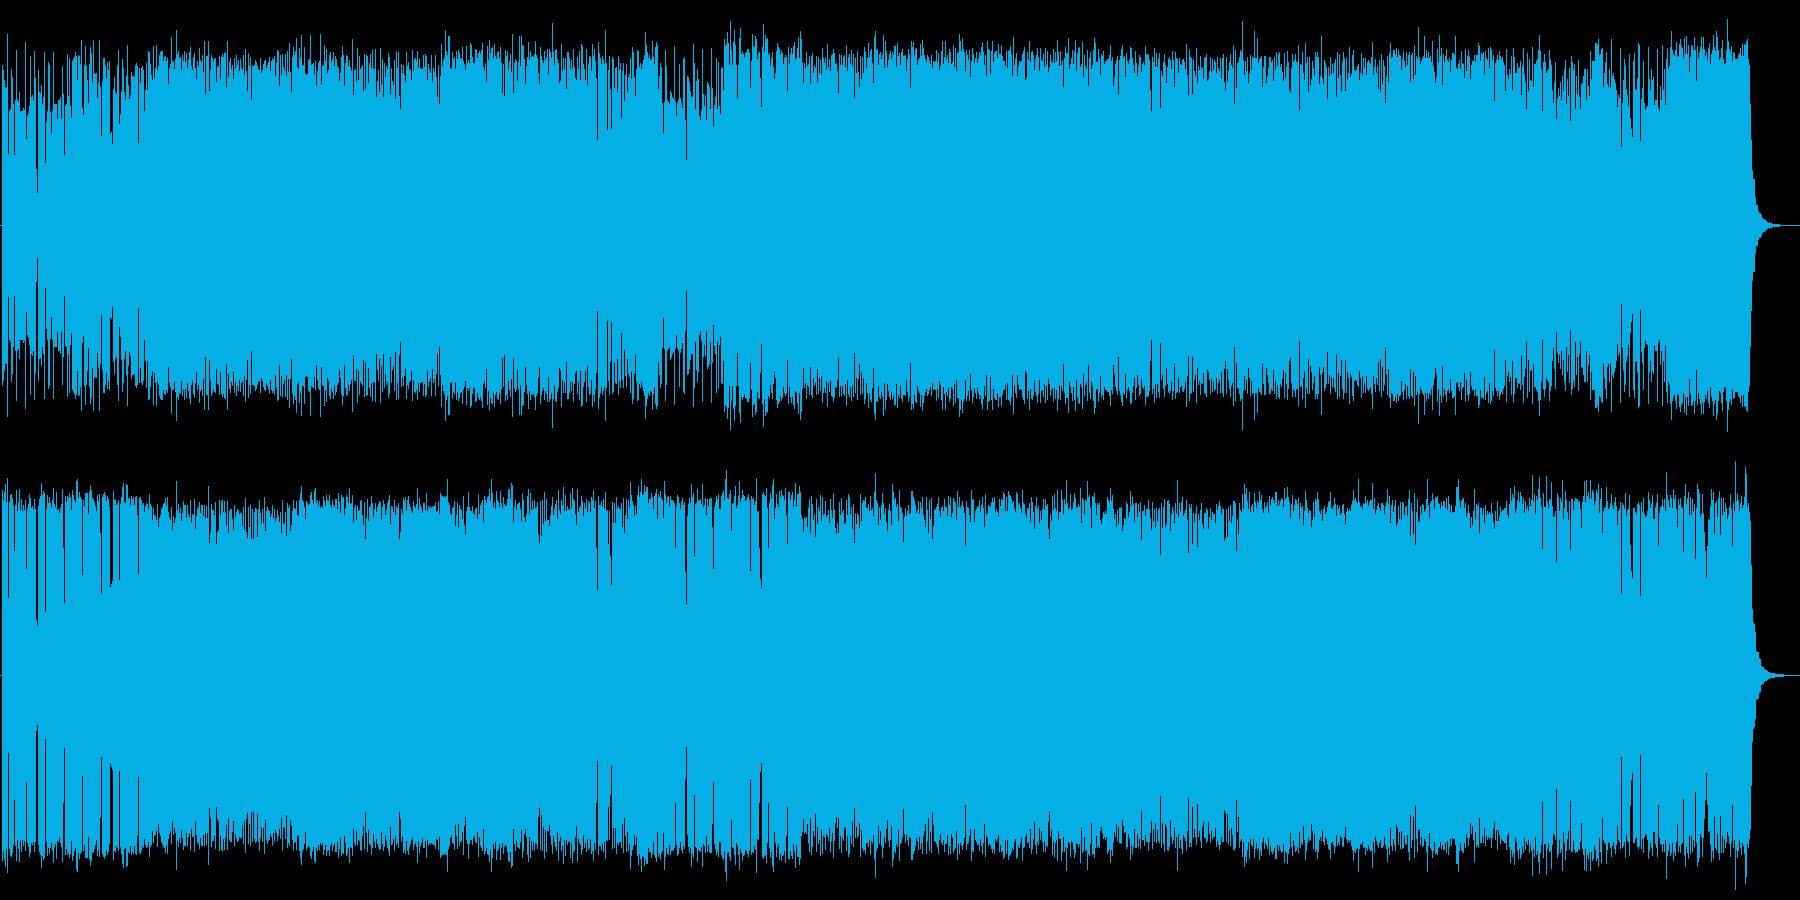 RPGゲームのボス戦をイメージとした楽曲の再生済みの波形